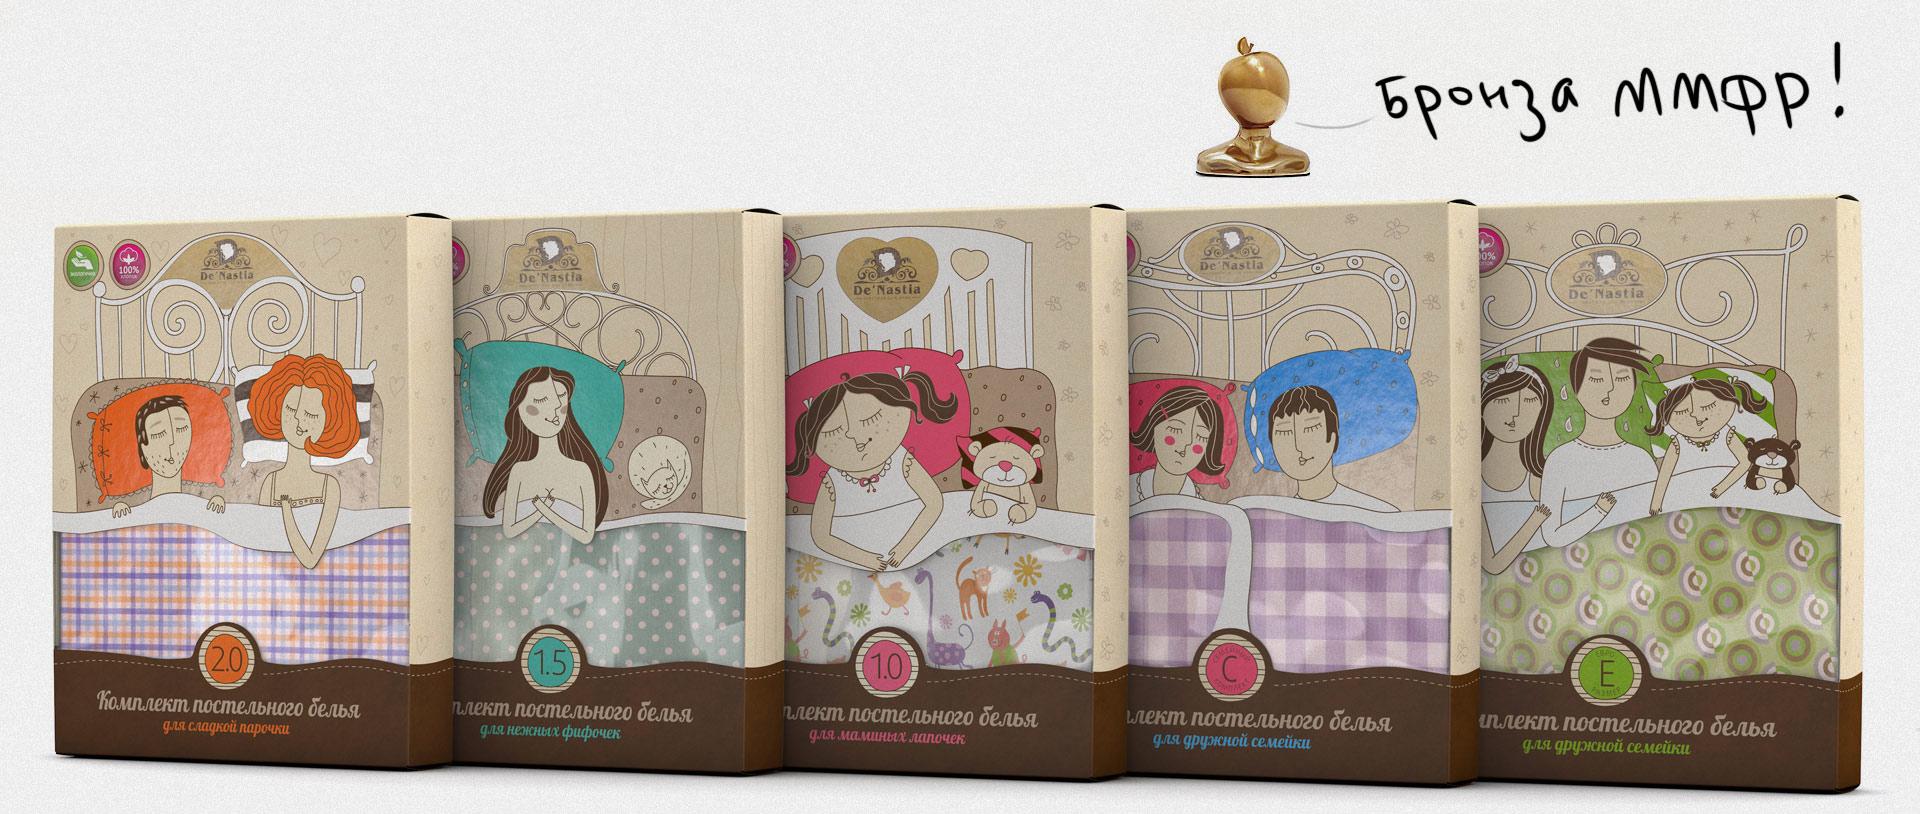 Упаковка для постельного белья своими руками